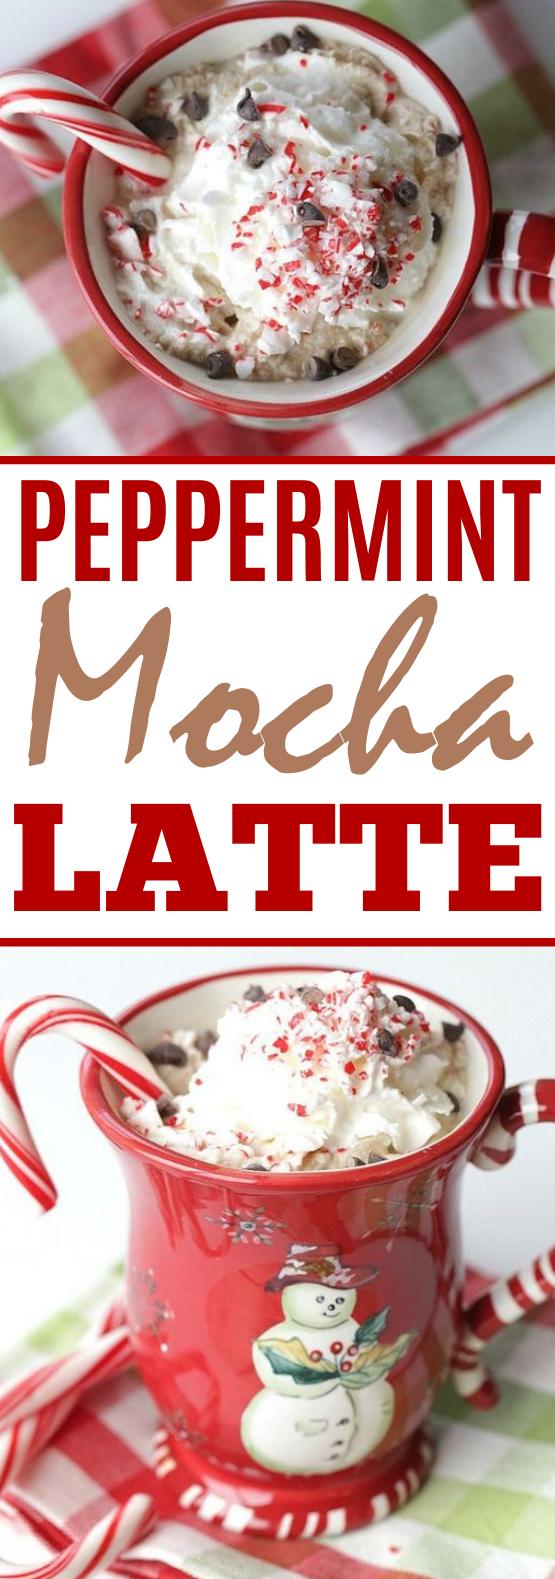 Peppermint Mocha Latte #drinks #latte #coffee #hot #beverages